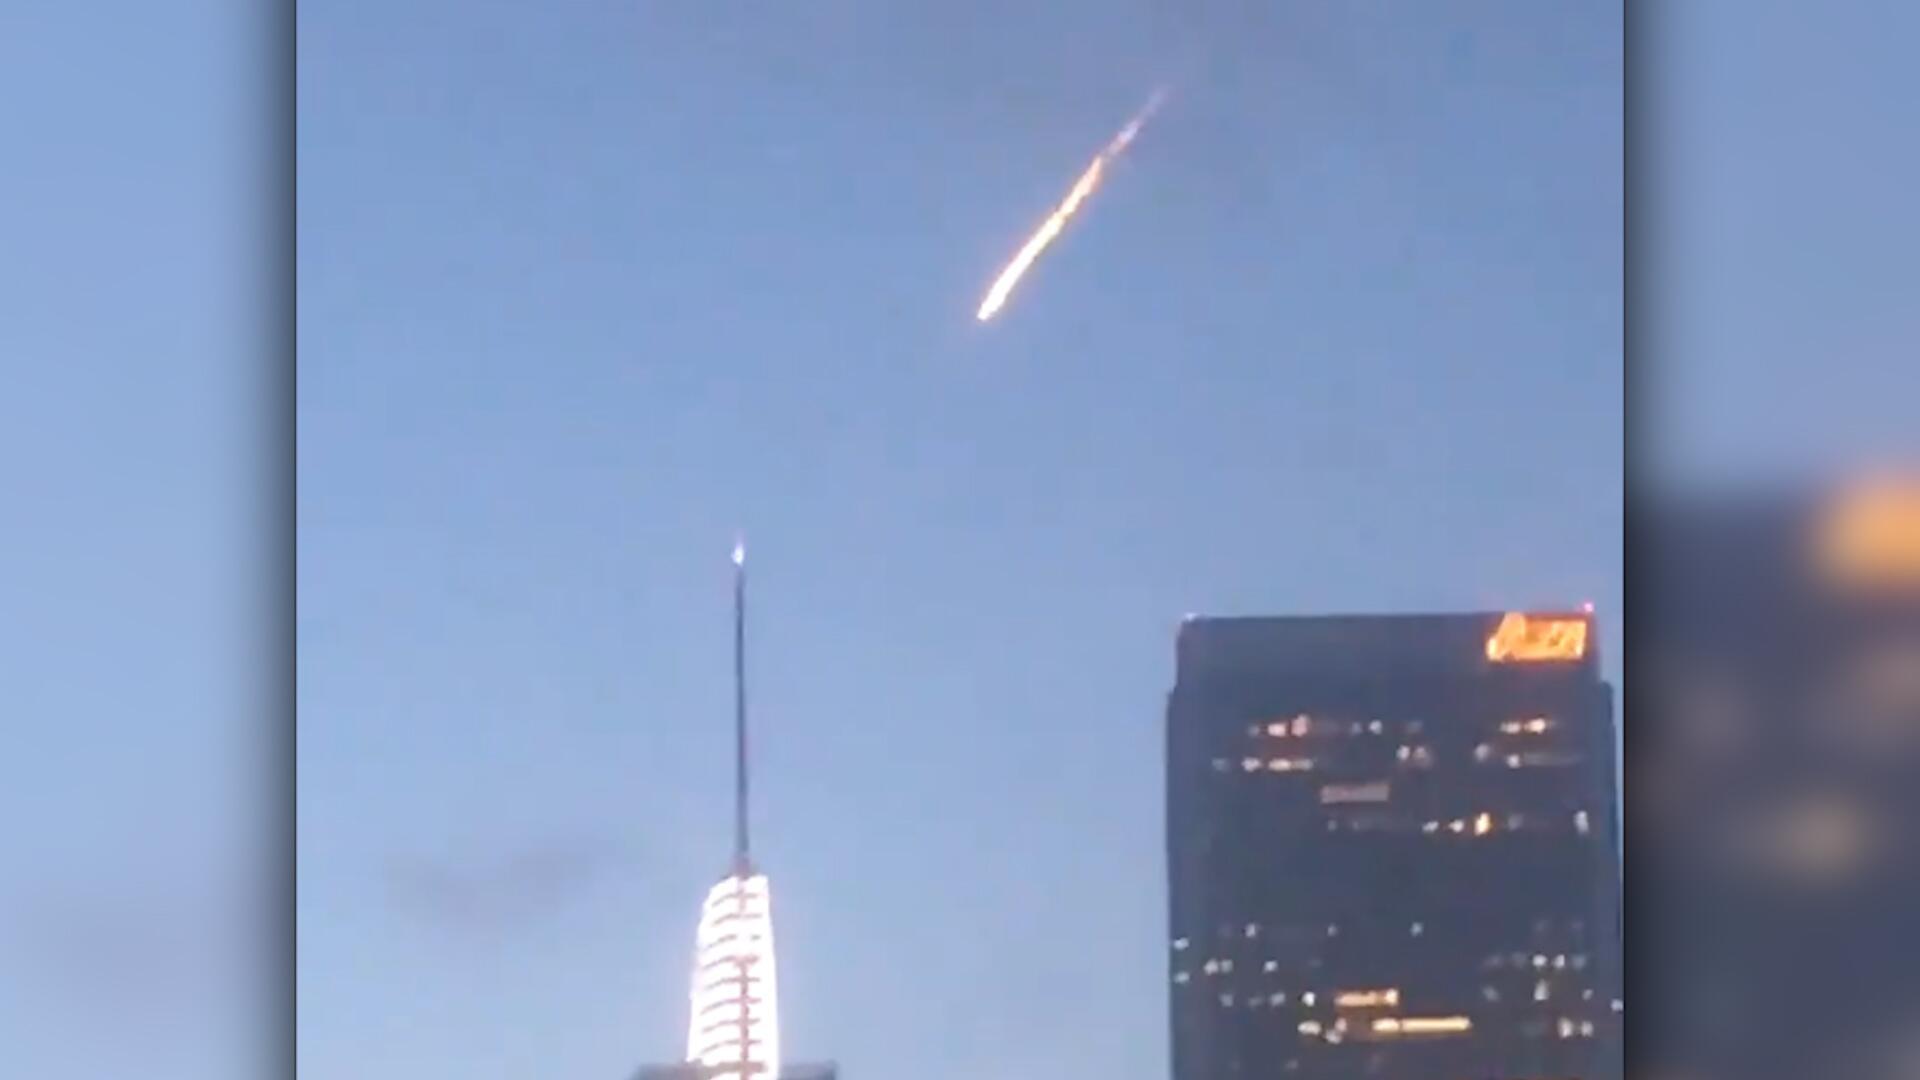 Bild zu Feuerball am Himmel